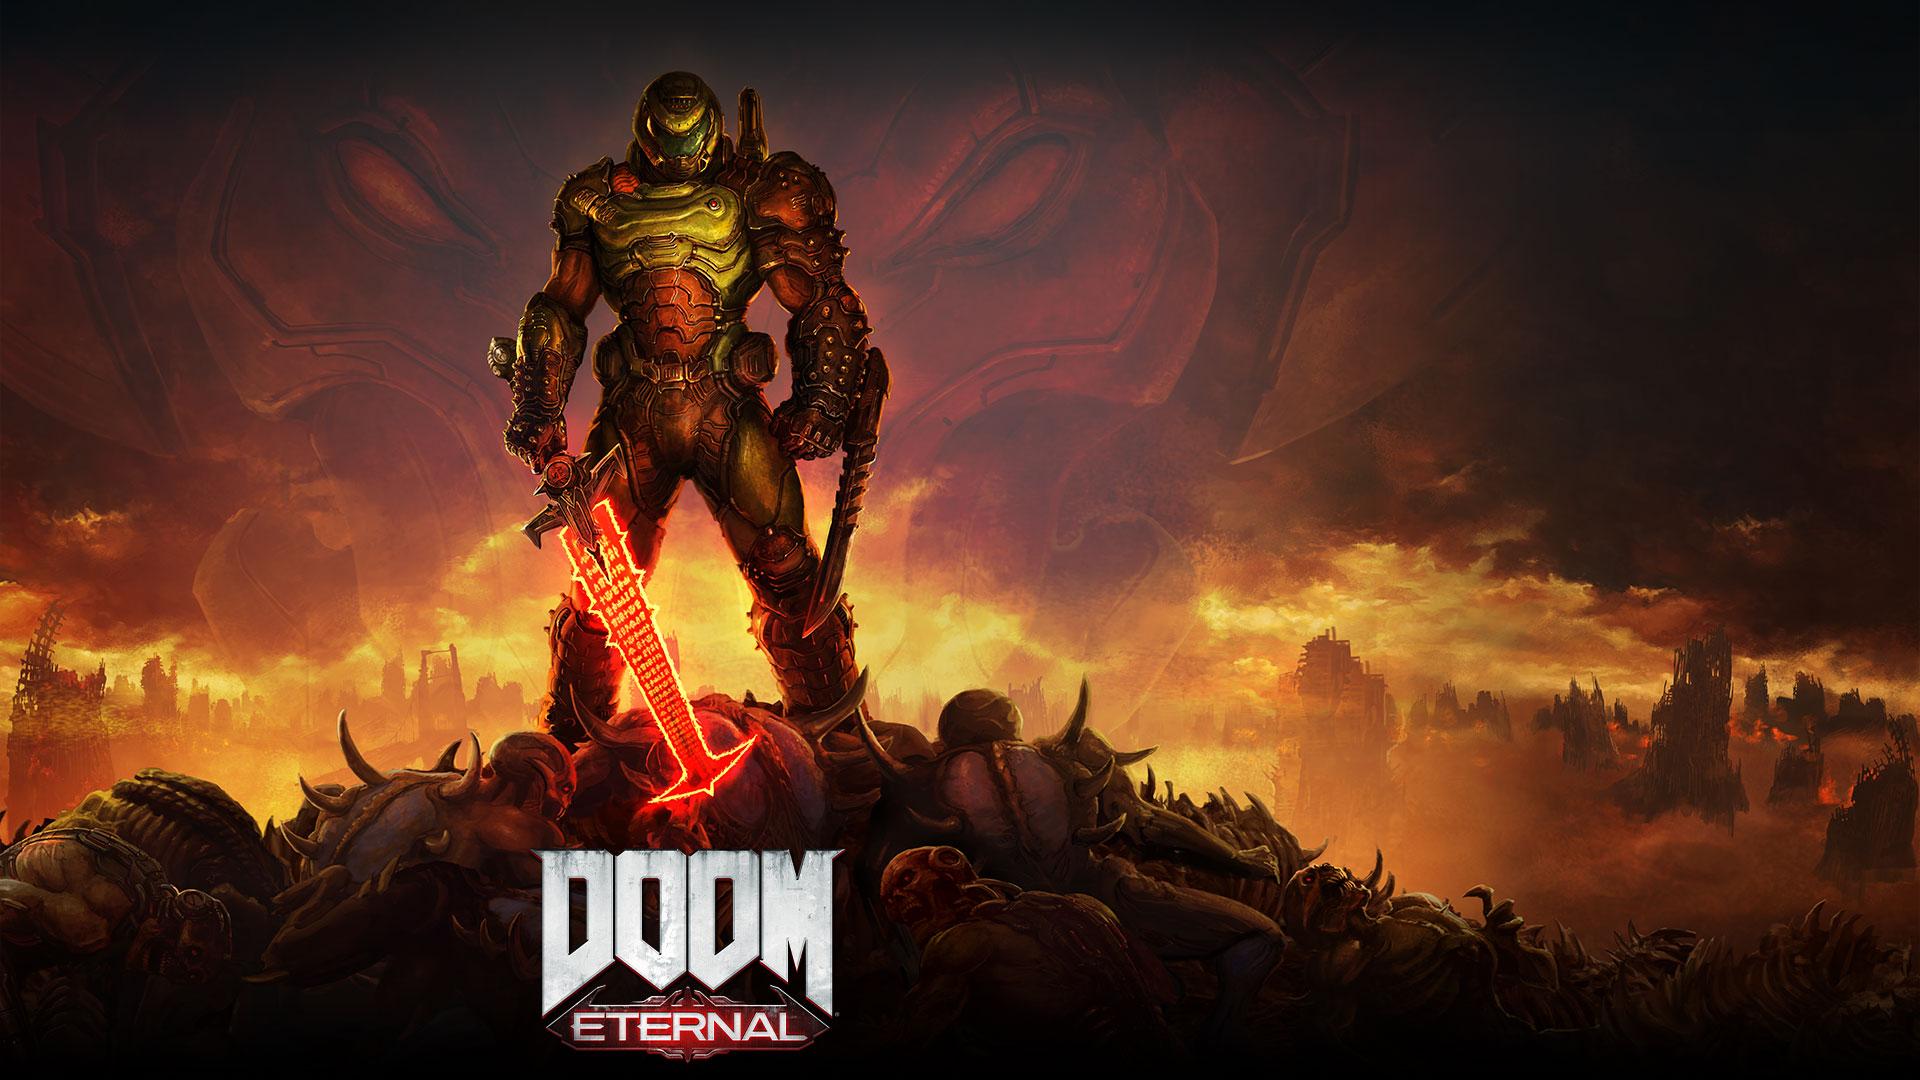 Nowe gry w Game Passie. Doom Eternal i Control trafią do usługi Microsoftu